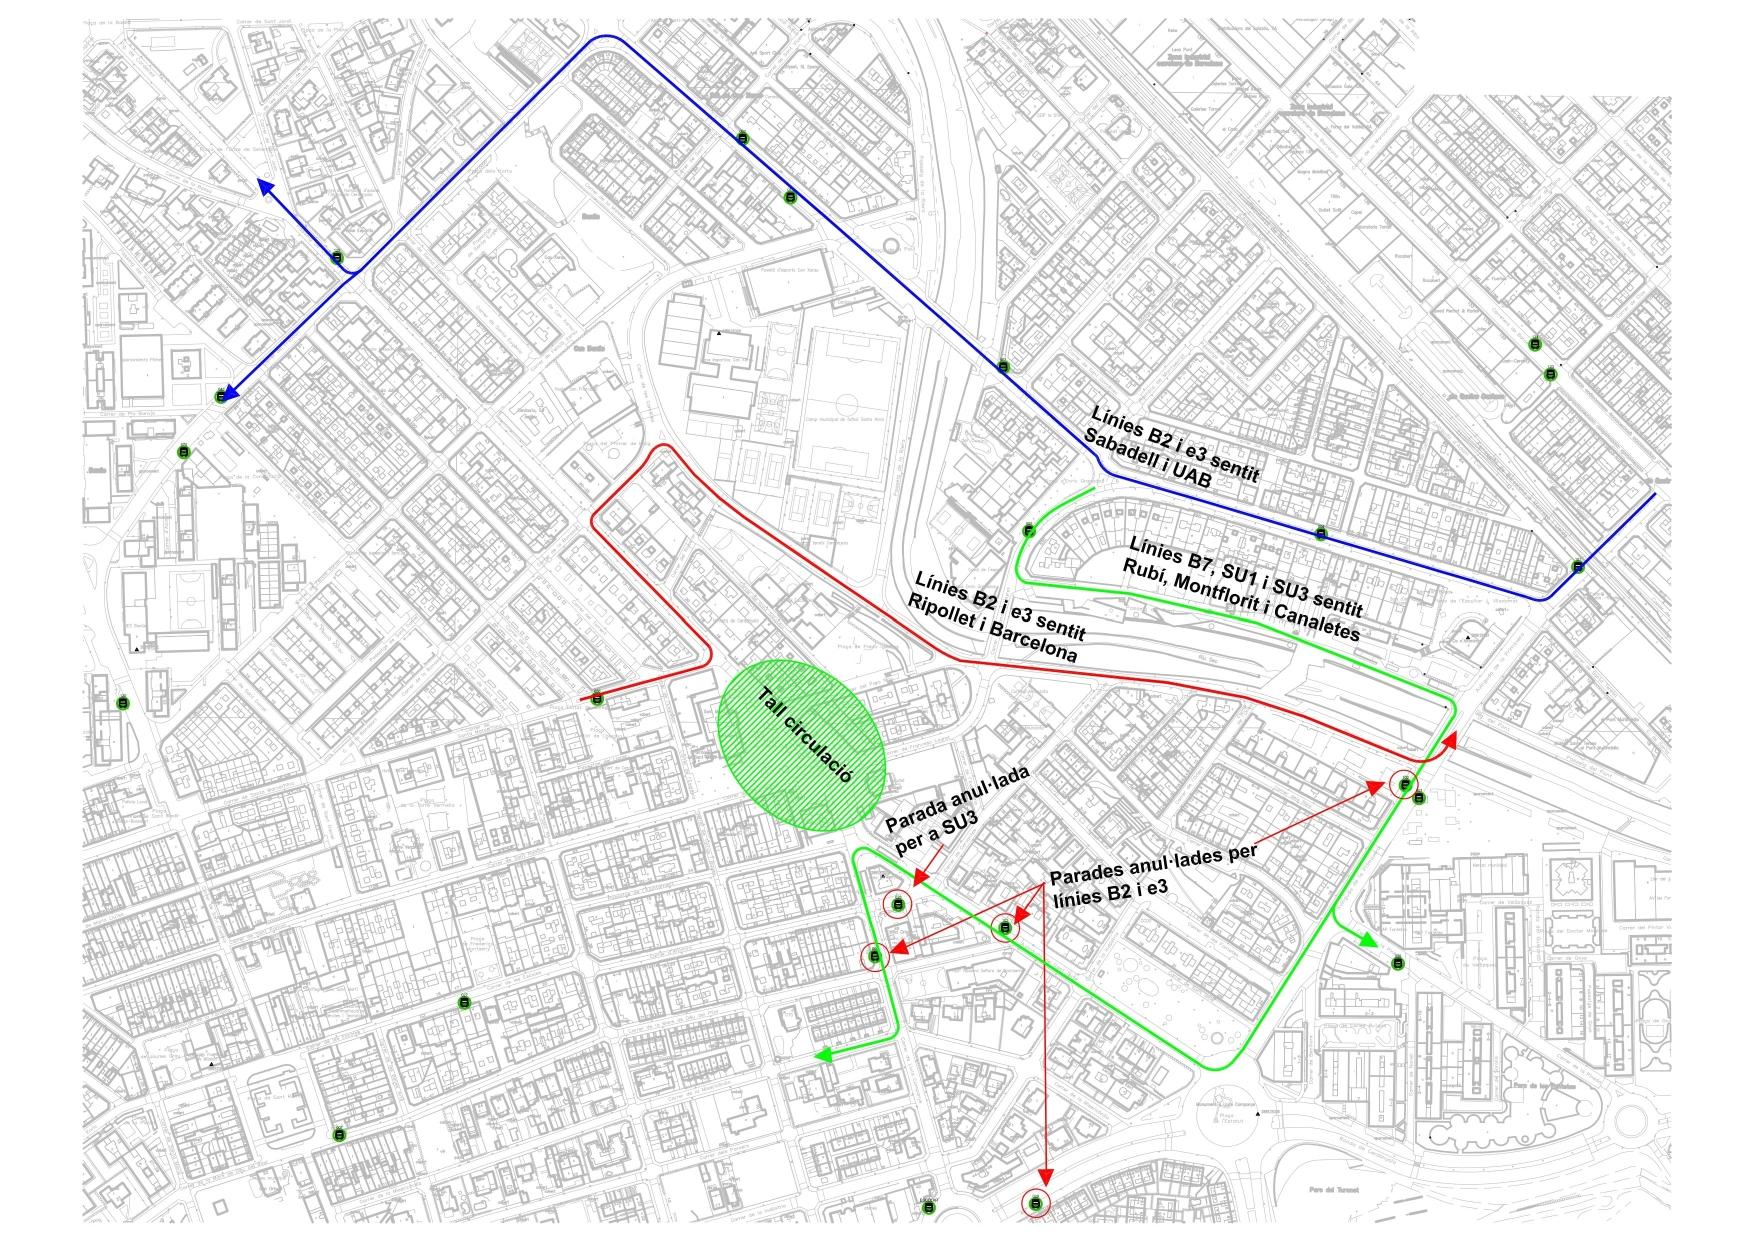 Mapa amb les afectacions que es produiran dimarts 23 d'abril al centre de la ciutat